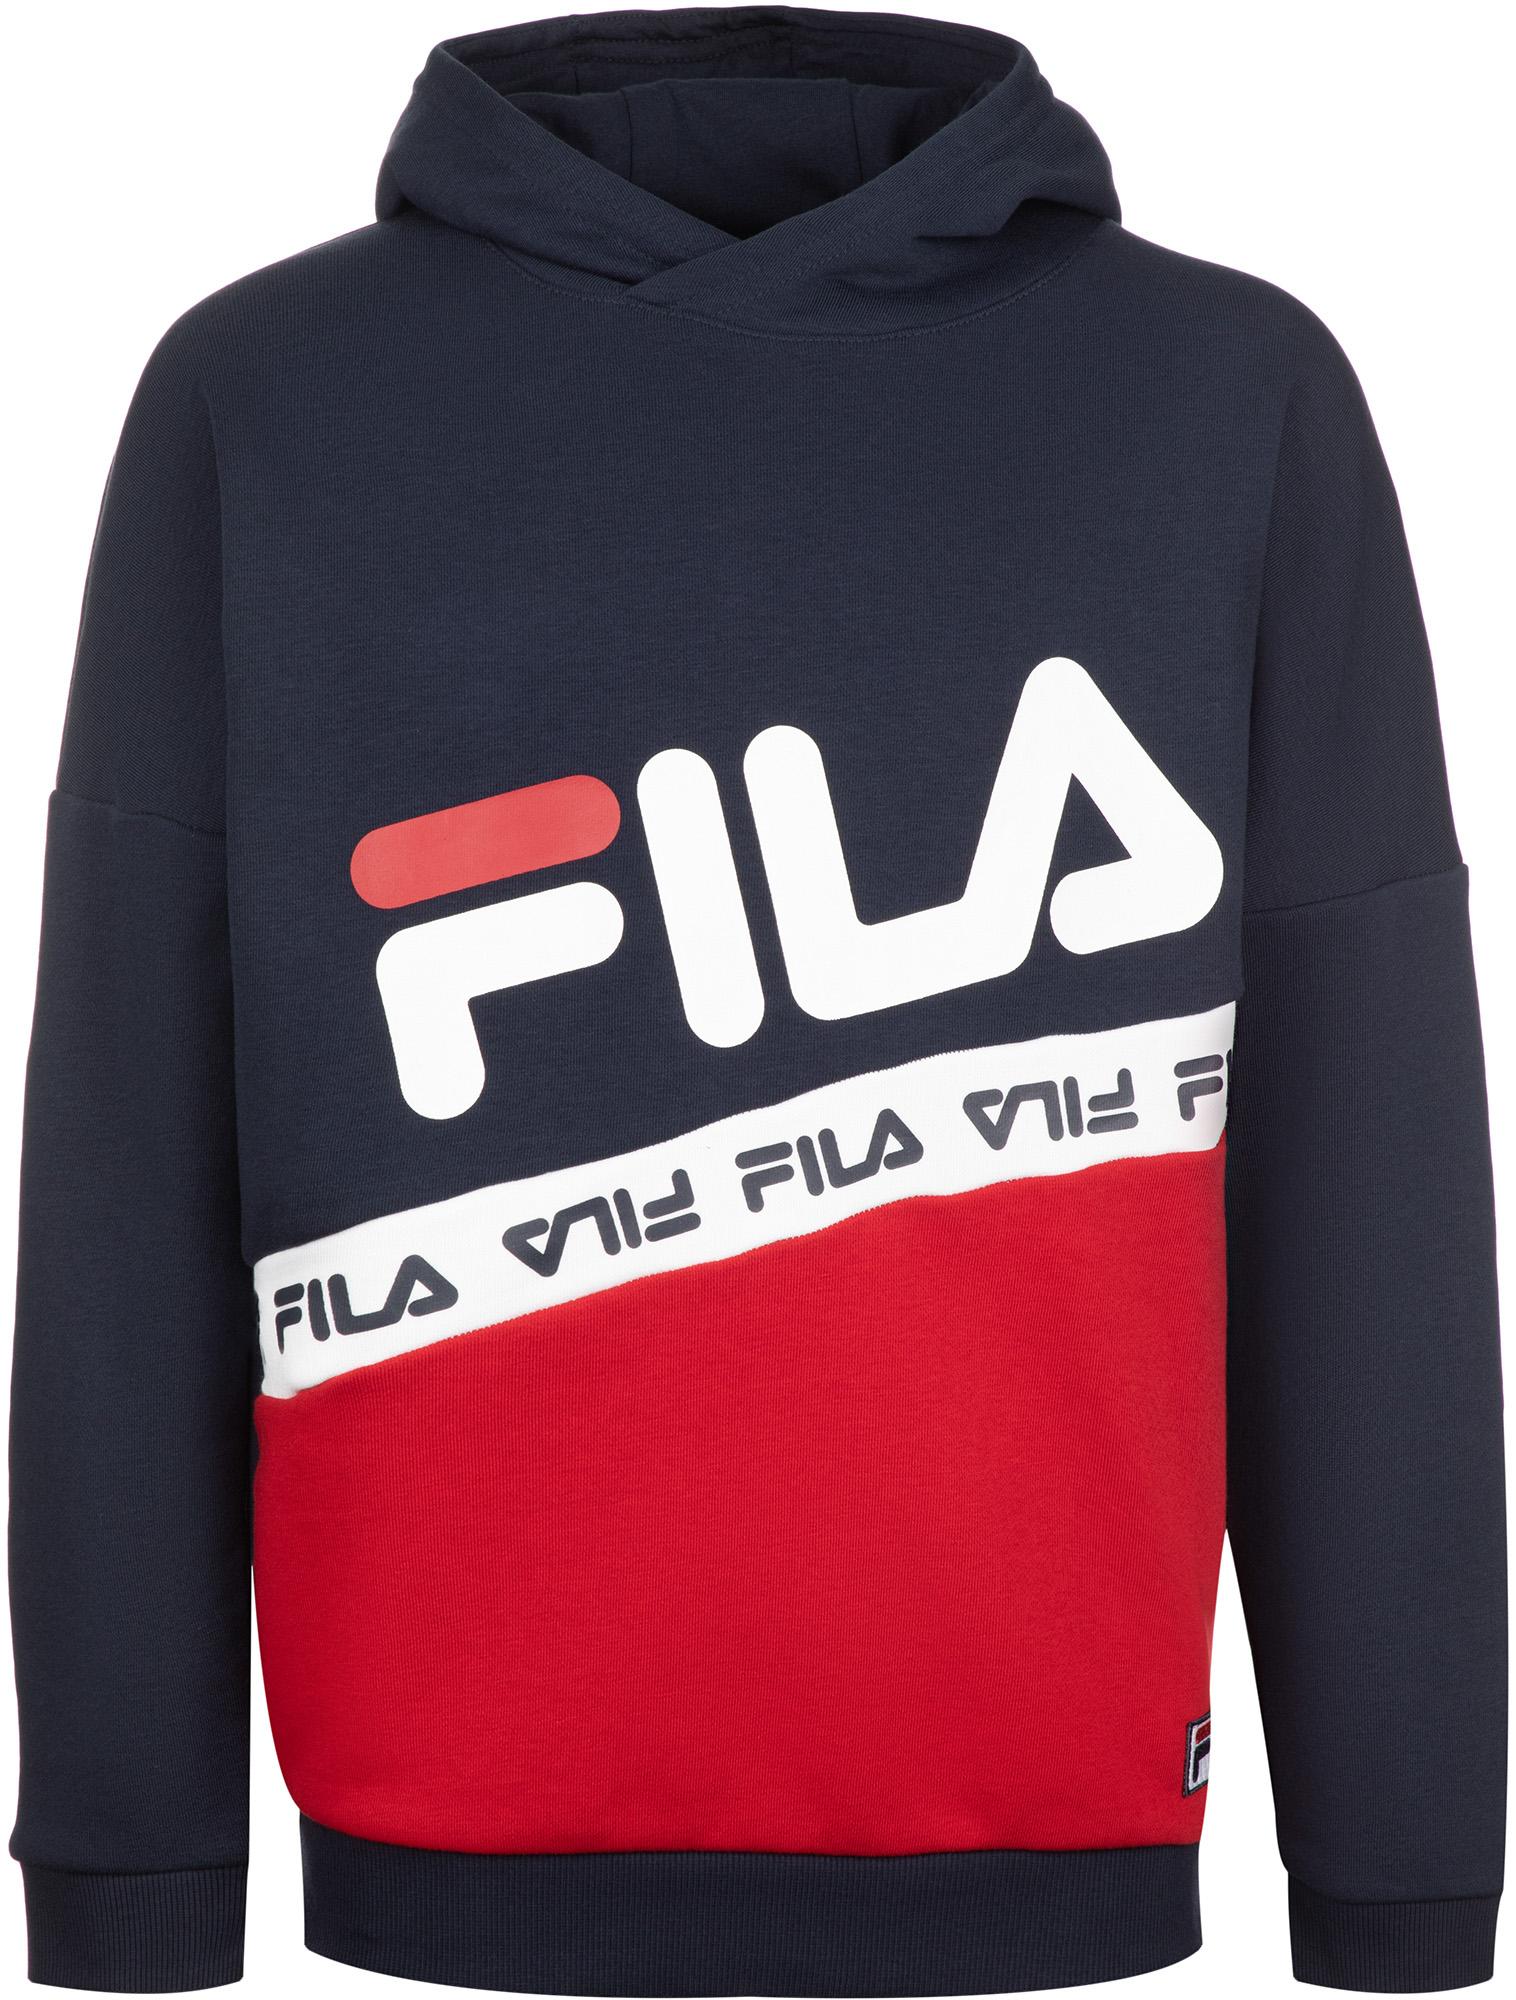 fila худи для девочек fila размер 164 Fila Худи для мальчиков Fila, размер 176